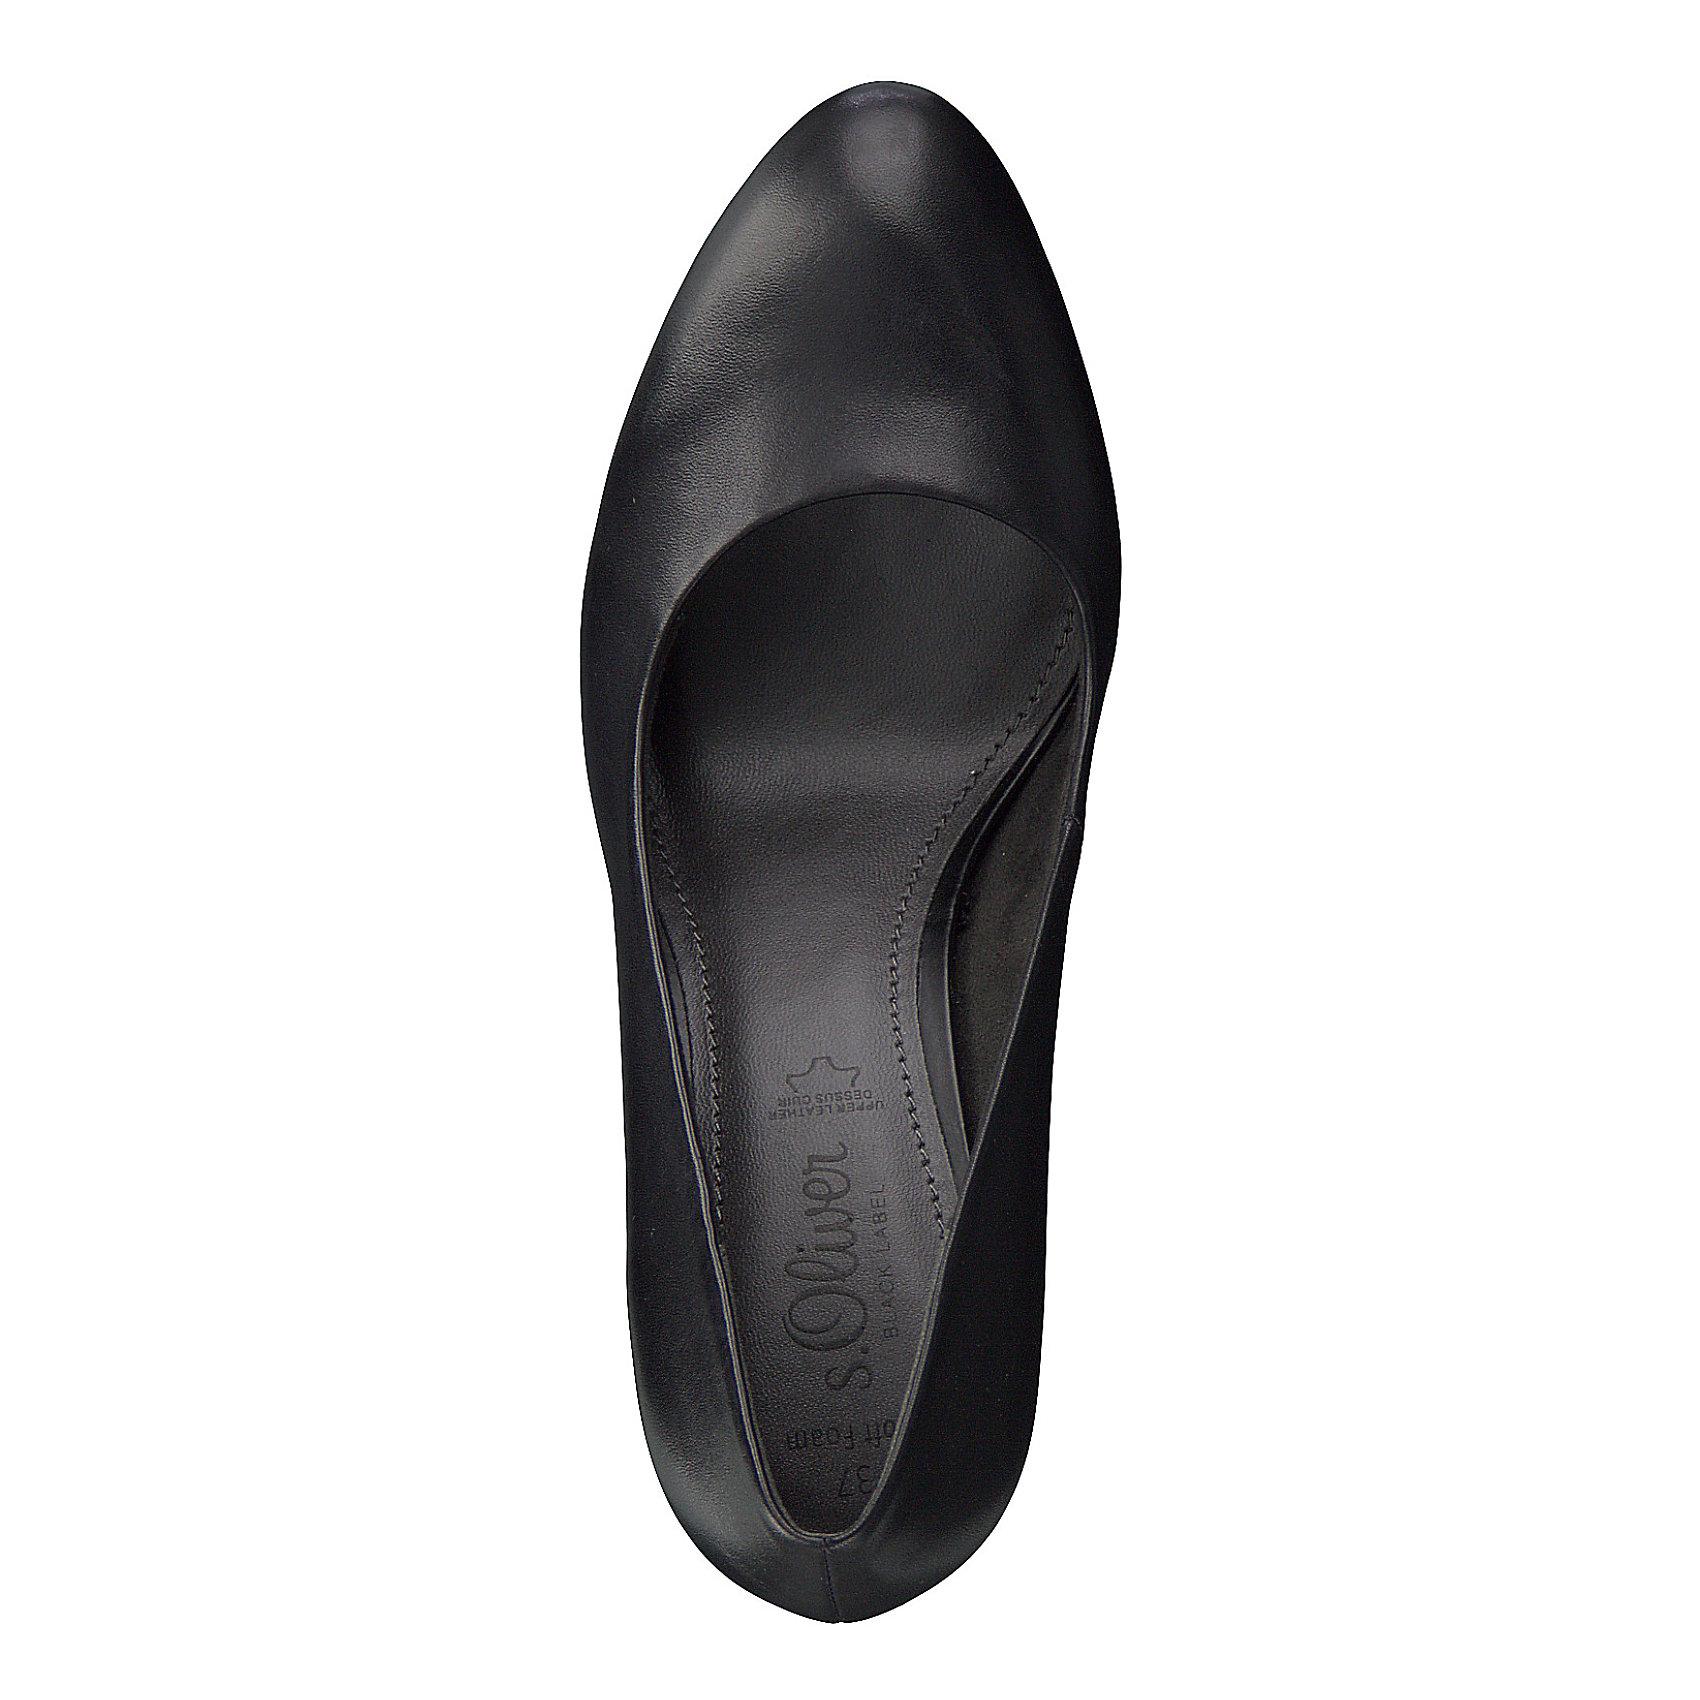 Neu s.Oliver Klassische Pumps 8534895 für Damen schwarz    | Qualitätsprodukte  e0aea9